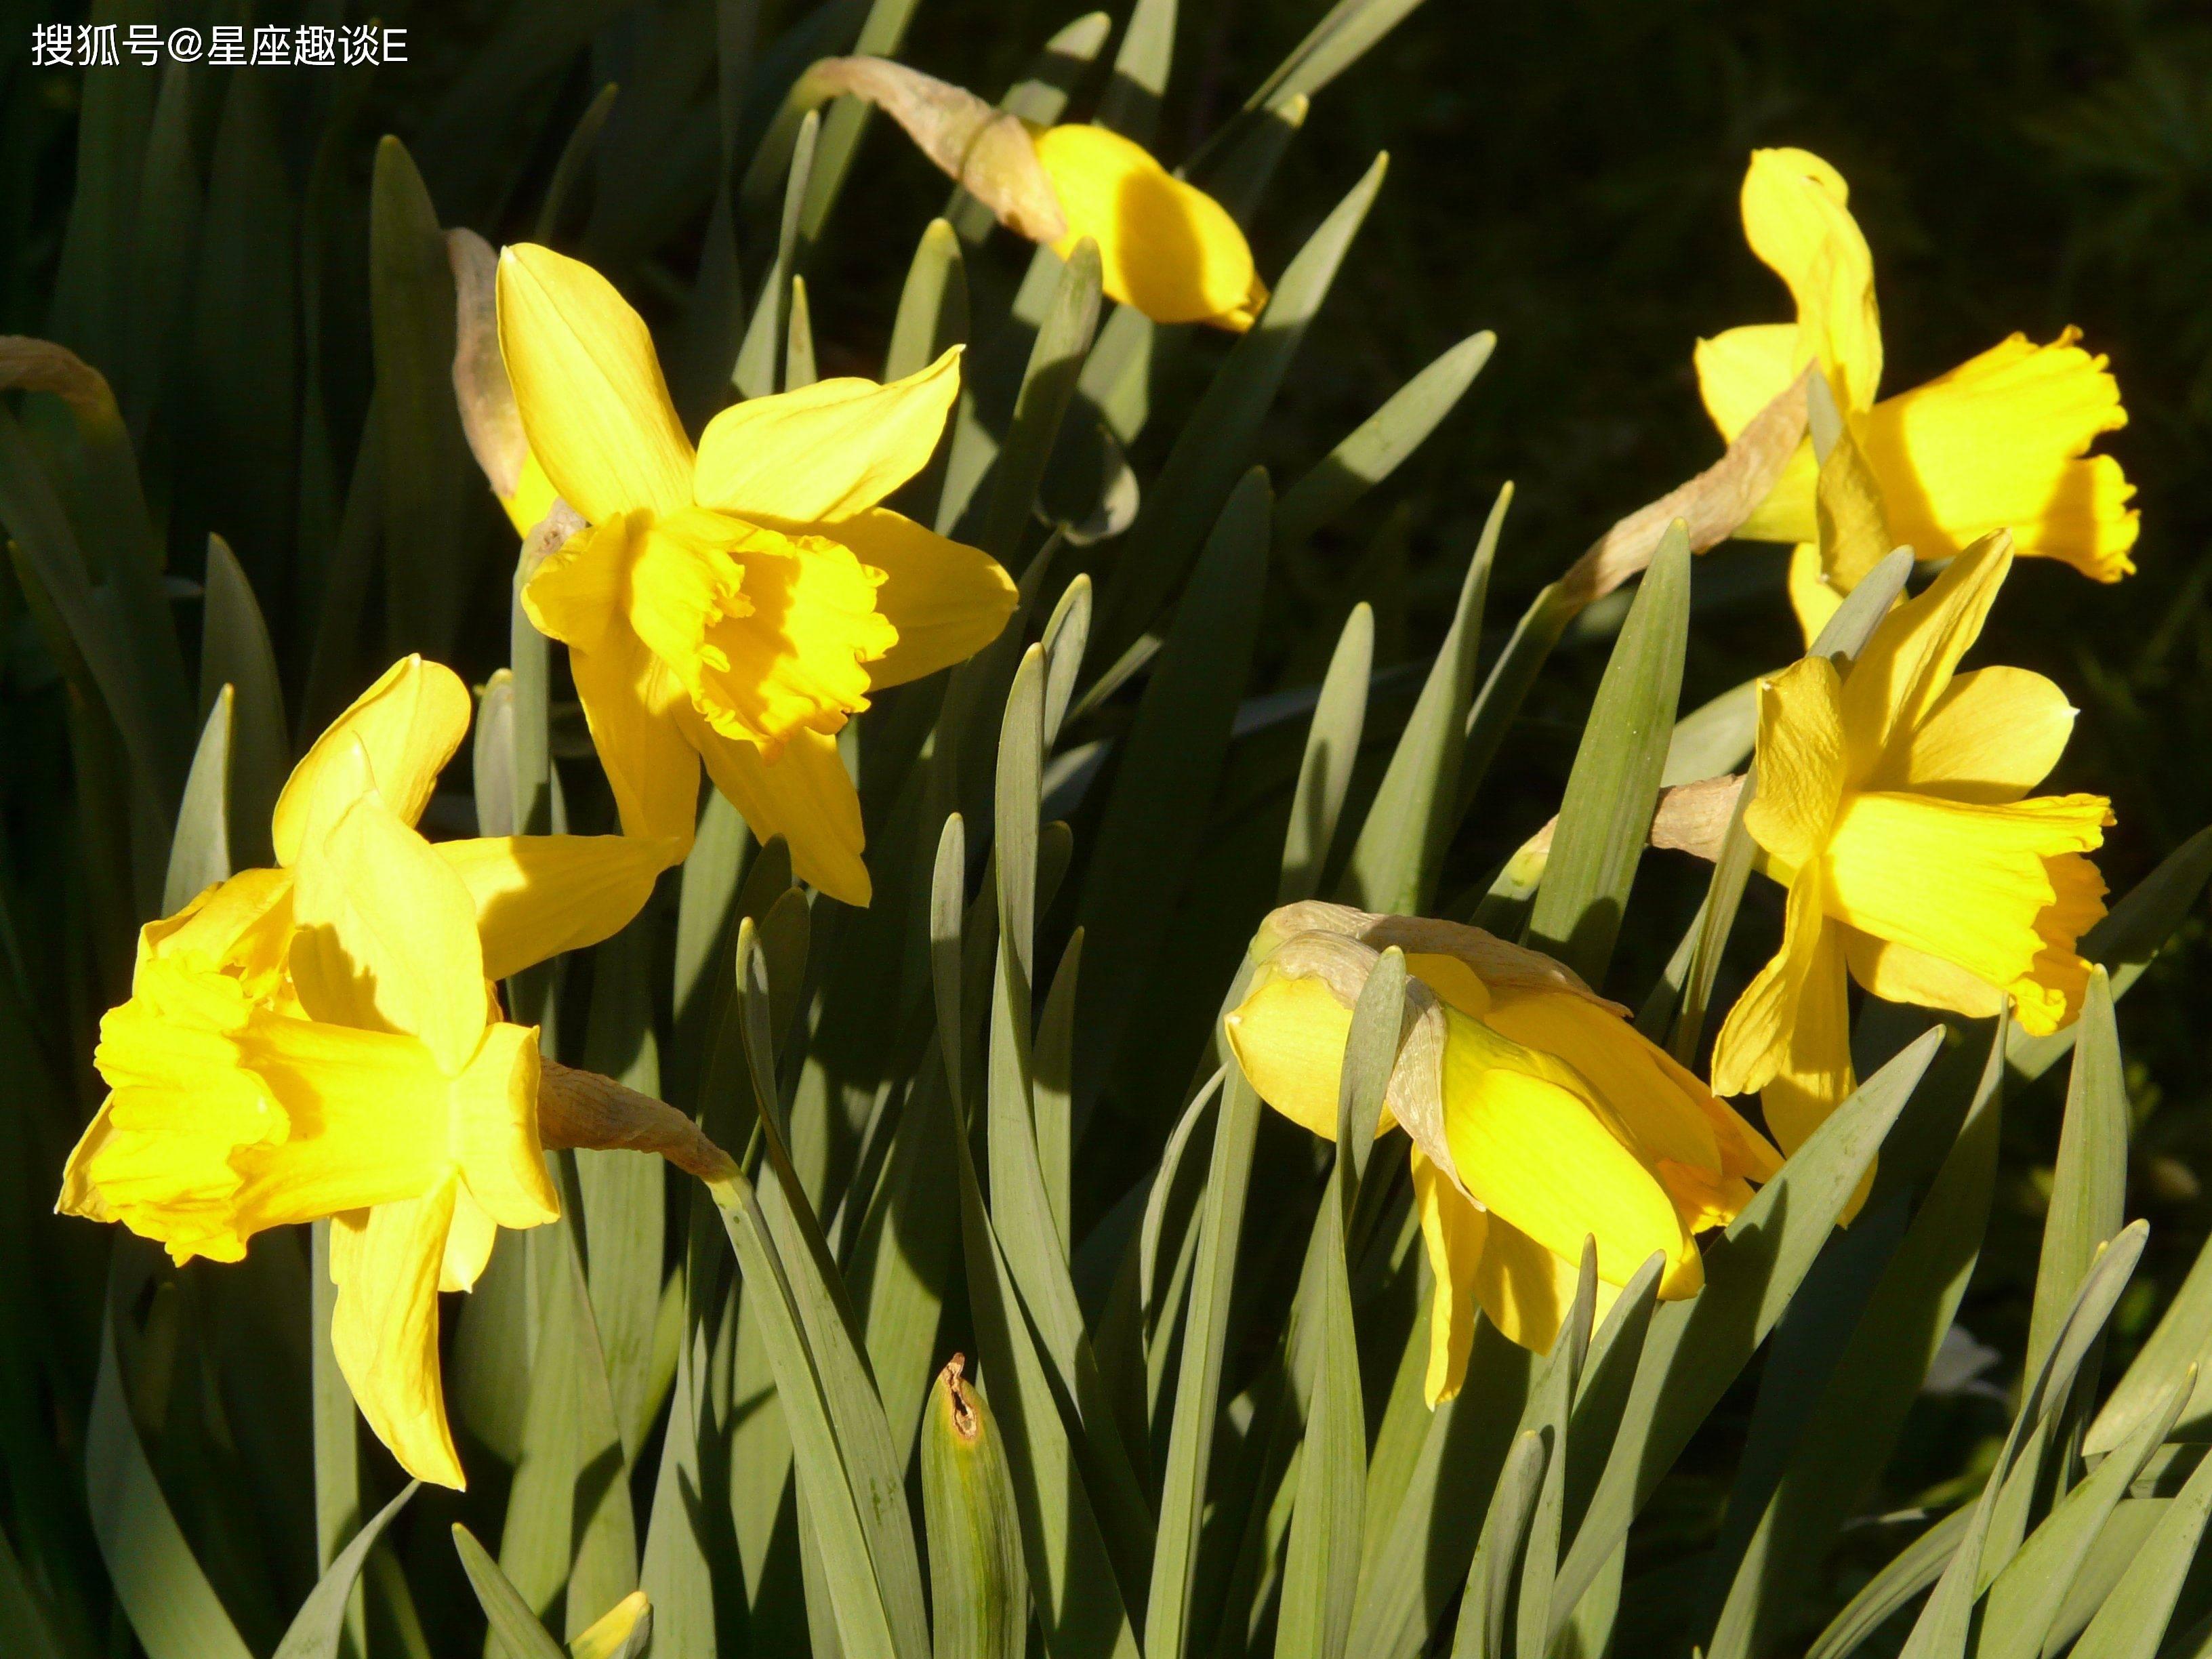 2月25日爱情运势:爱神眷顾,缘分升温的四大星座